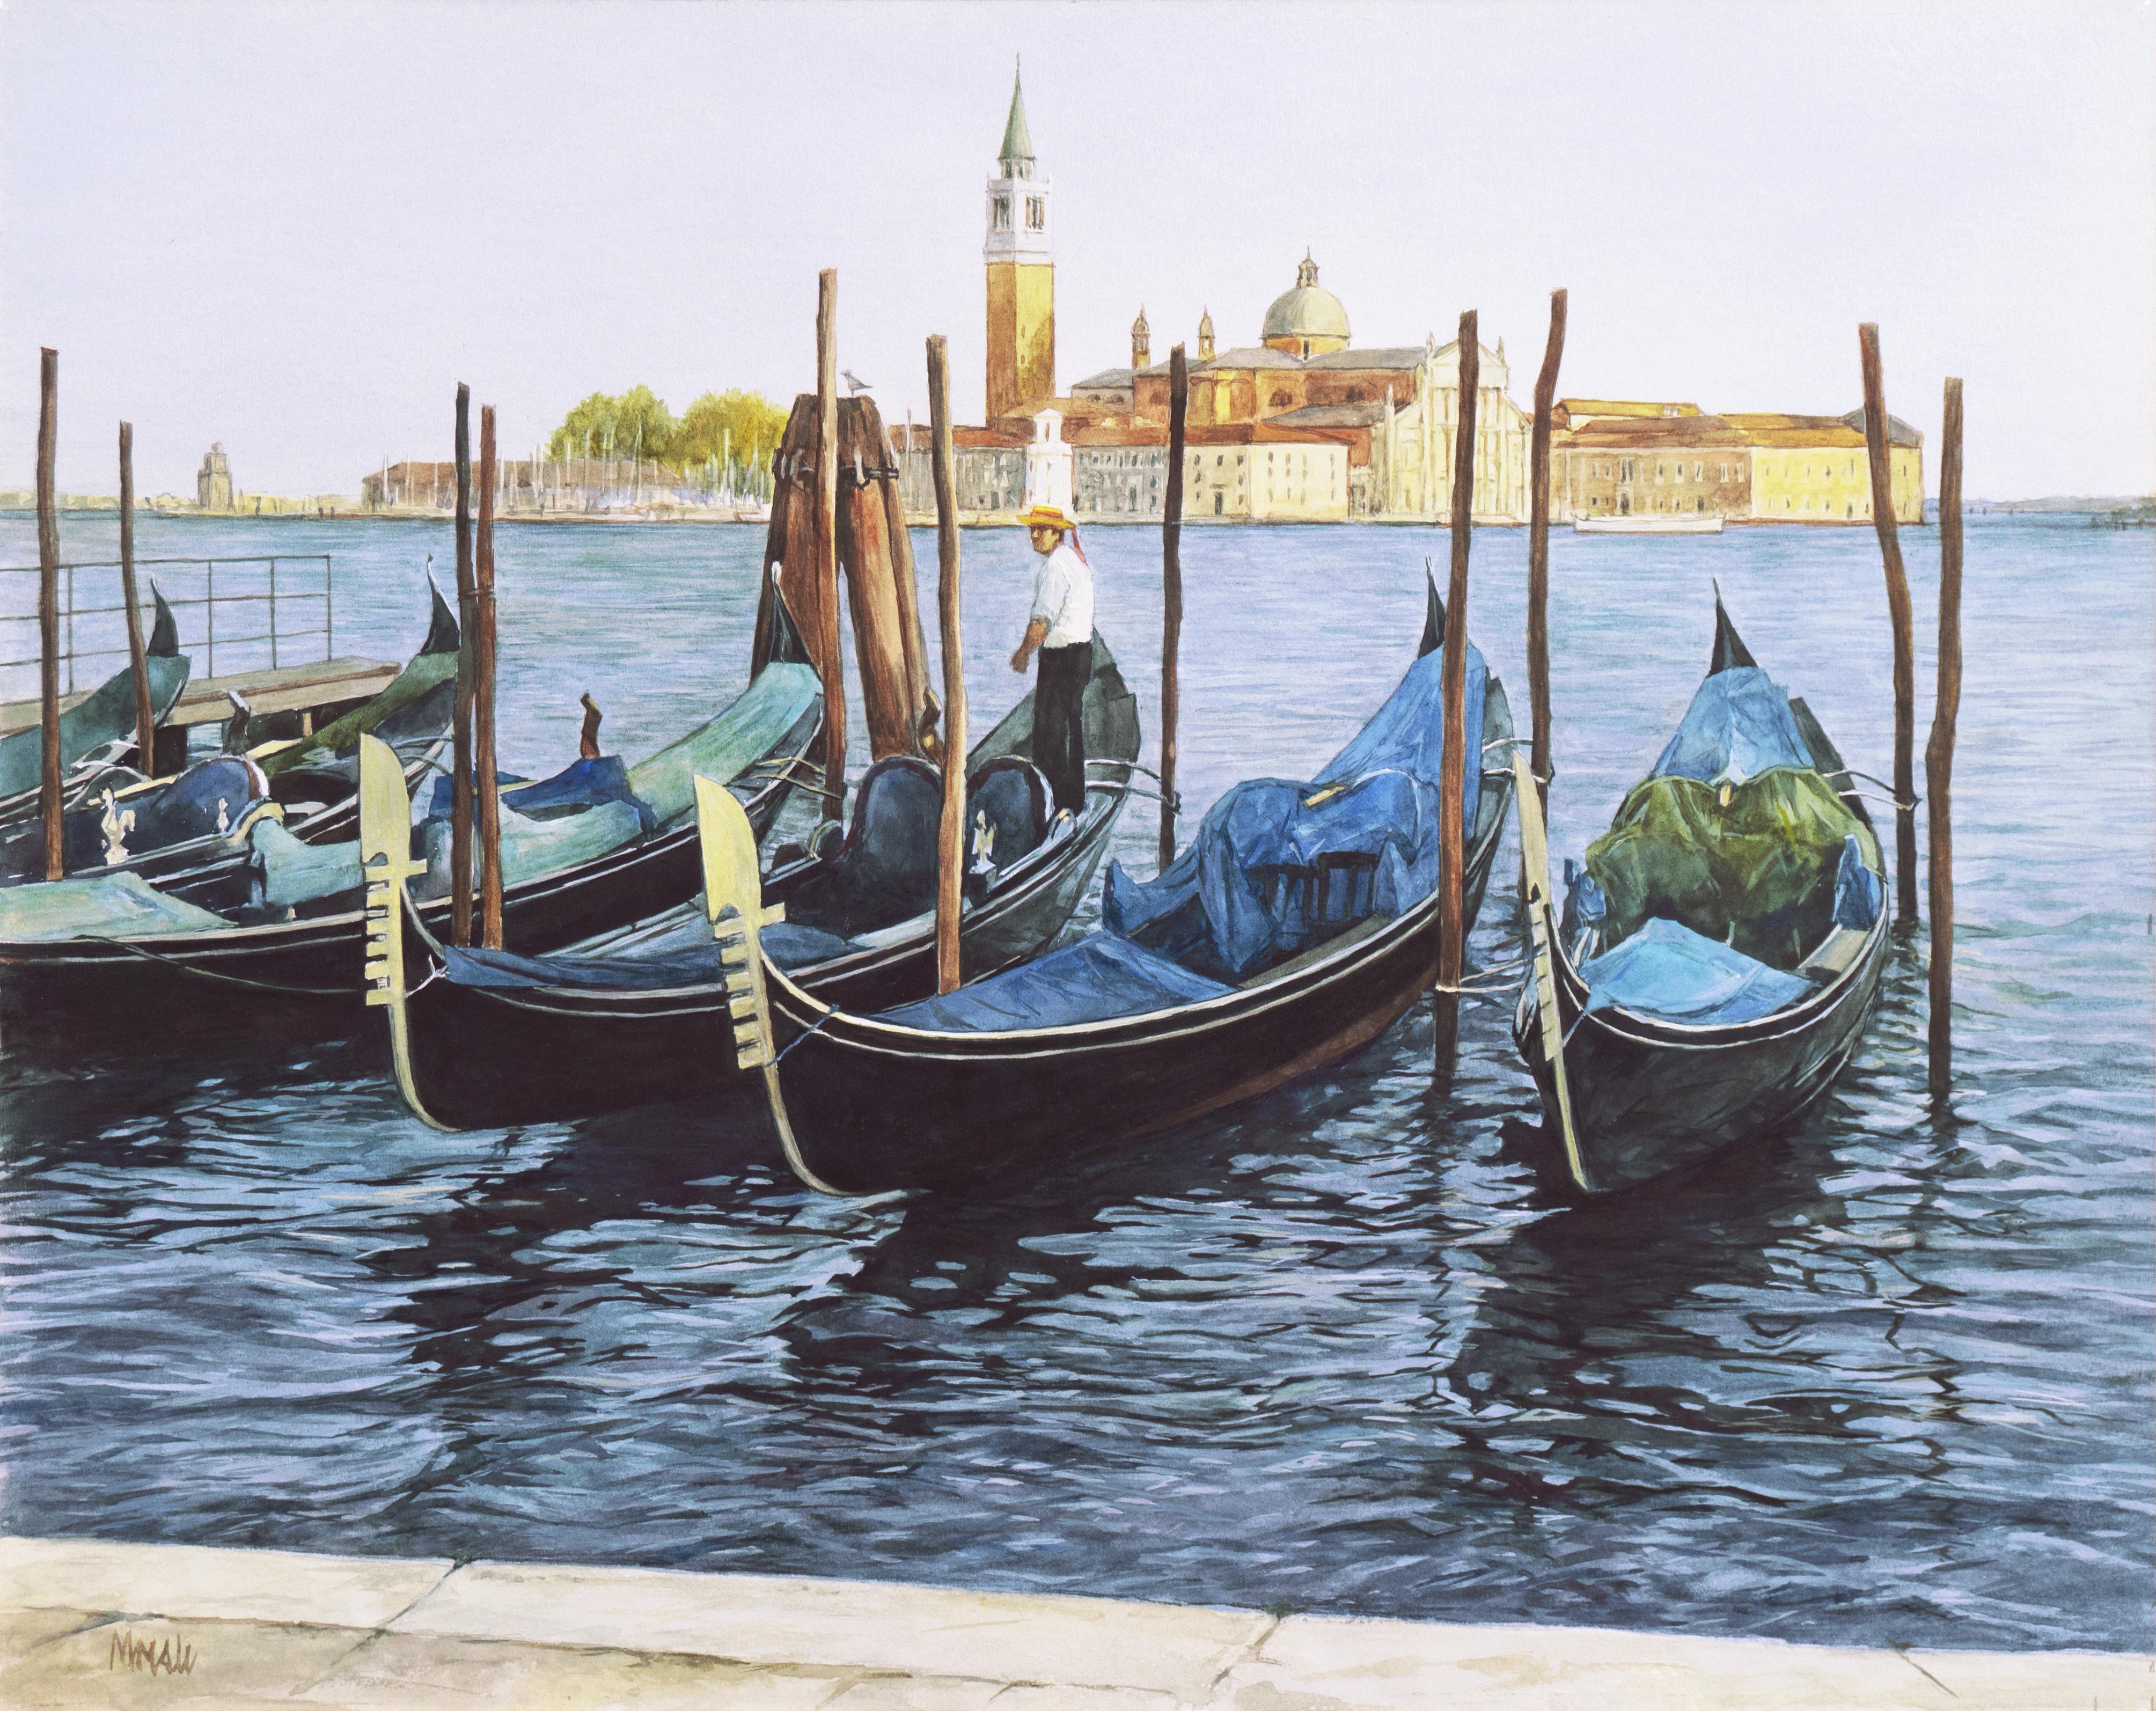 'Waiting Gondolier, Venice', Island of San Giorgio Maggiore, Venetian Vedute